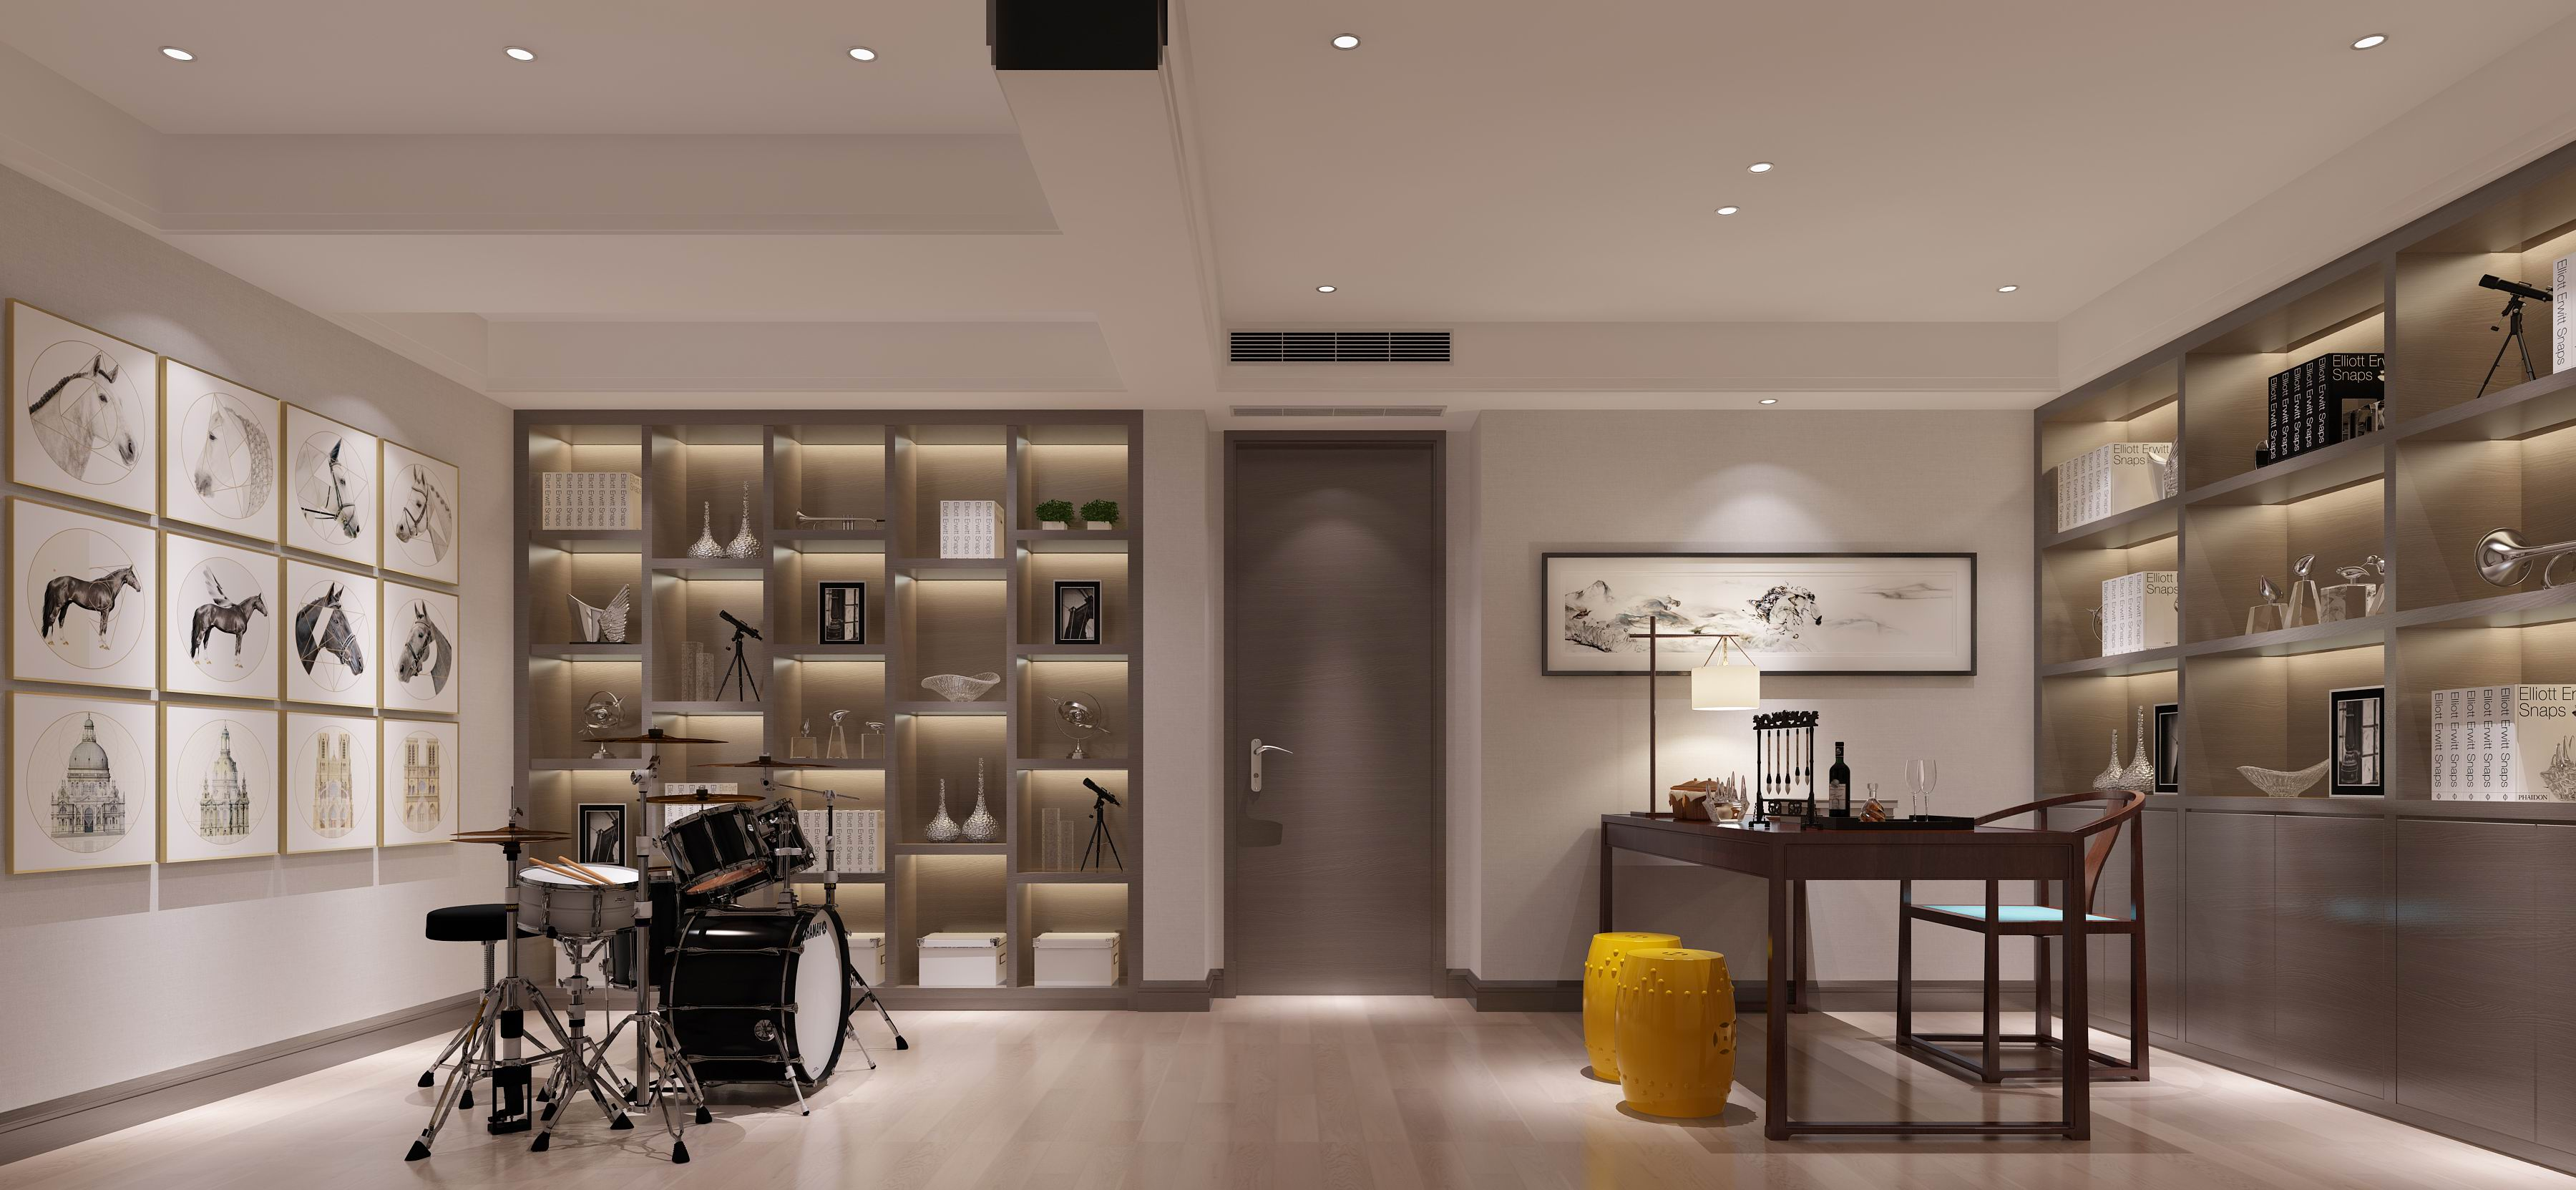 别墅 设计 装修 案例 现代中式 书房图片来自无锡别墅设计s在中建城中墅310㎡现代中式风格的分享